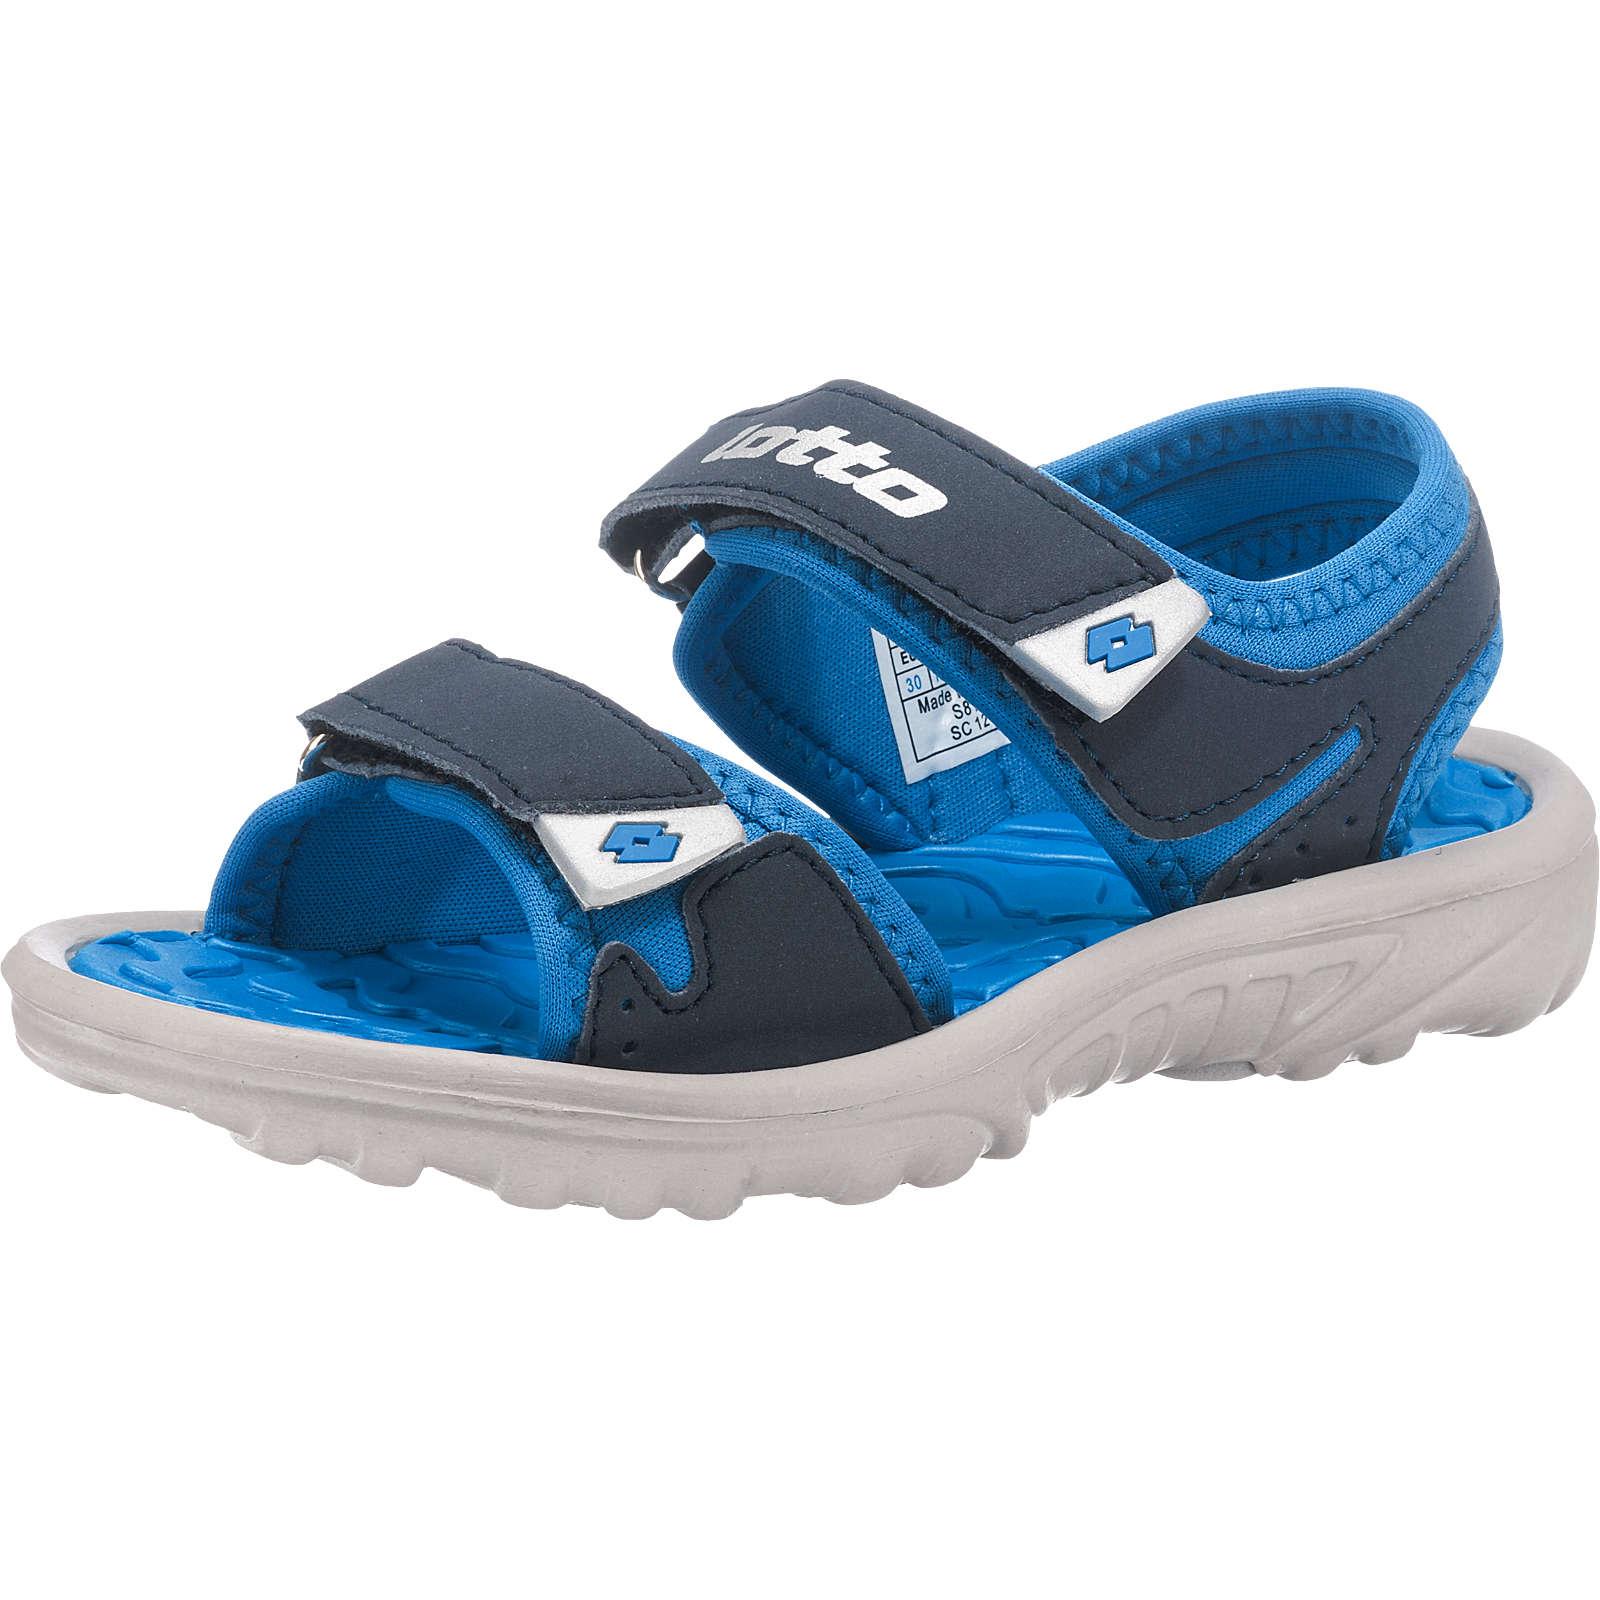 lotto Kinder Sandalen LAS ROCHAS III CL blau Gr. 29